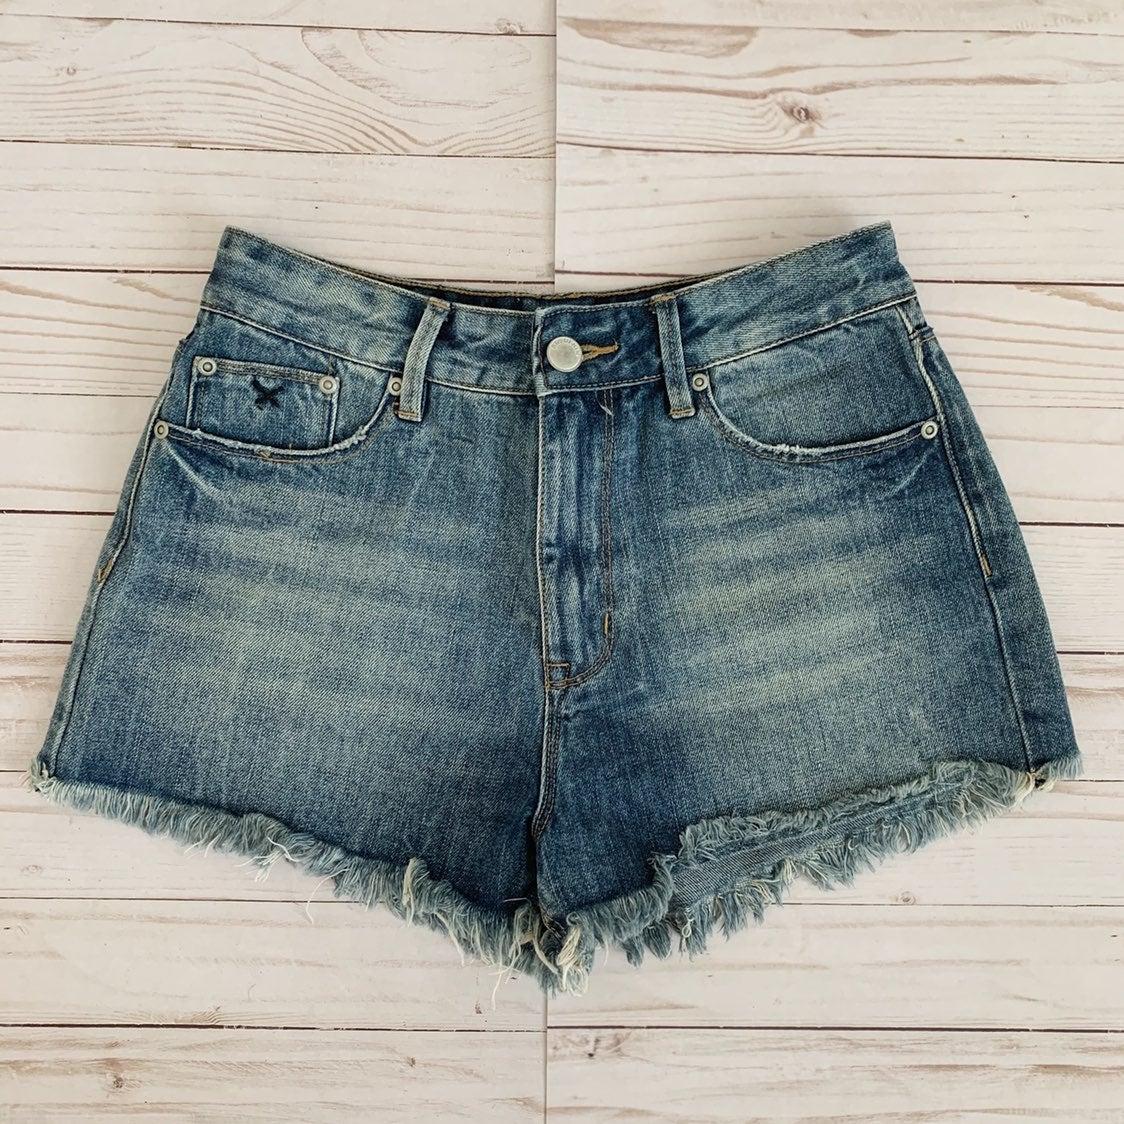 Res denim Shorts